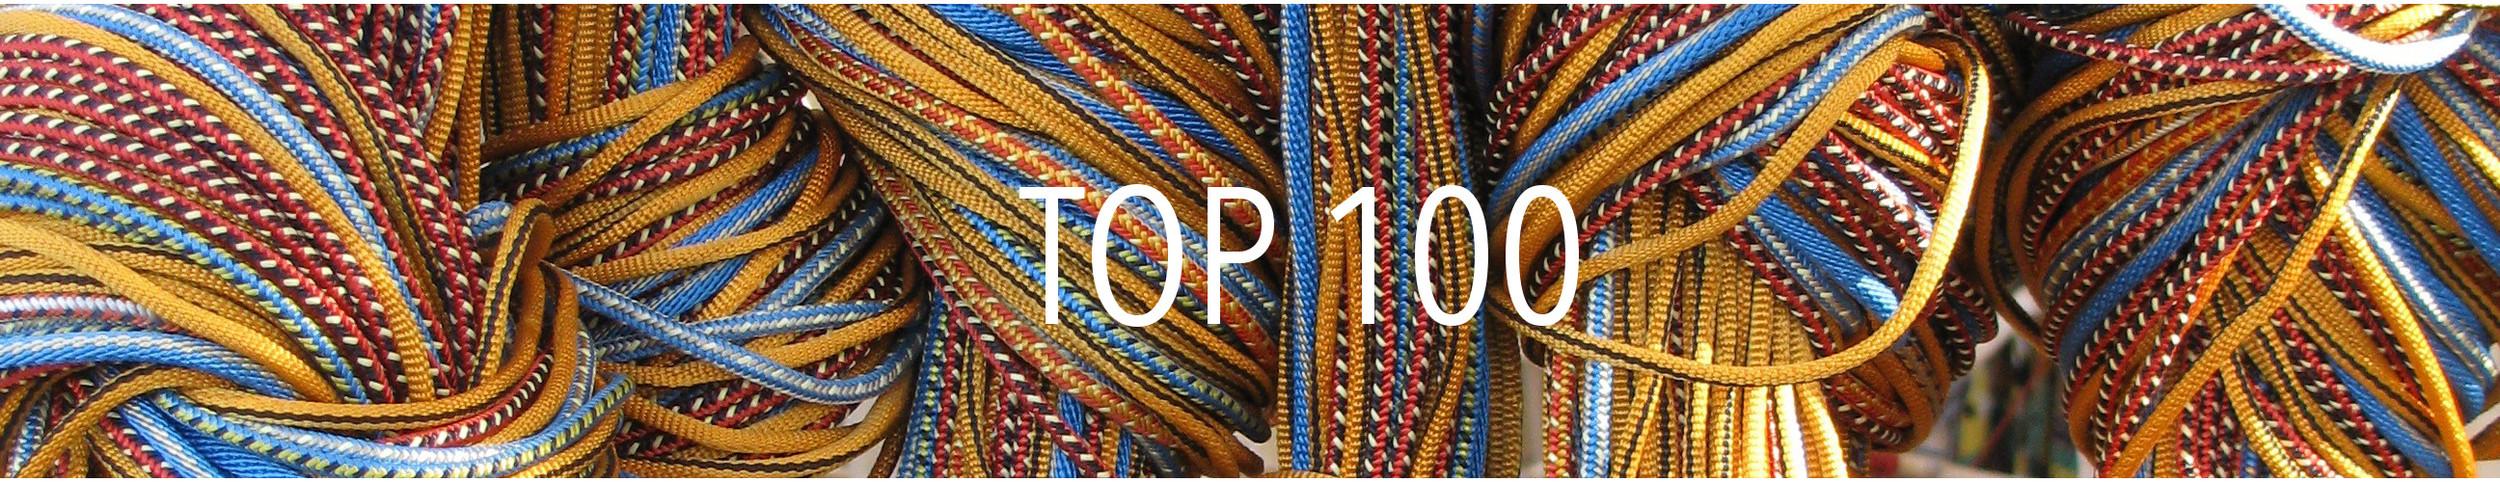 top-10-bucket-met-doug-mike-starn